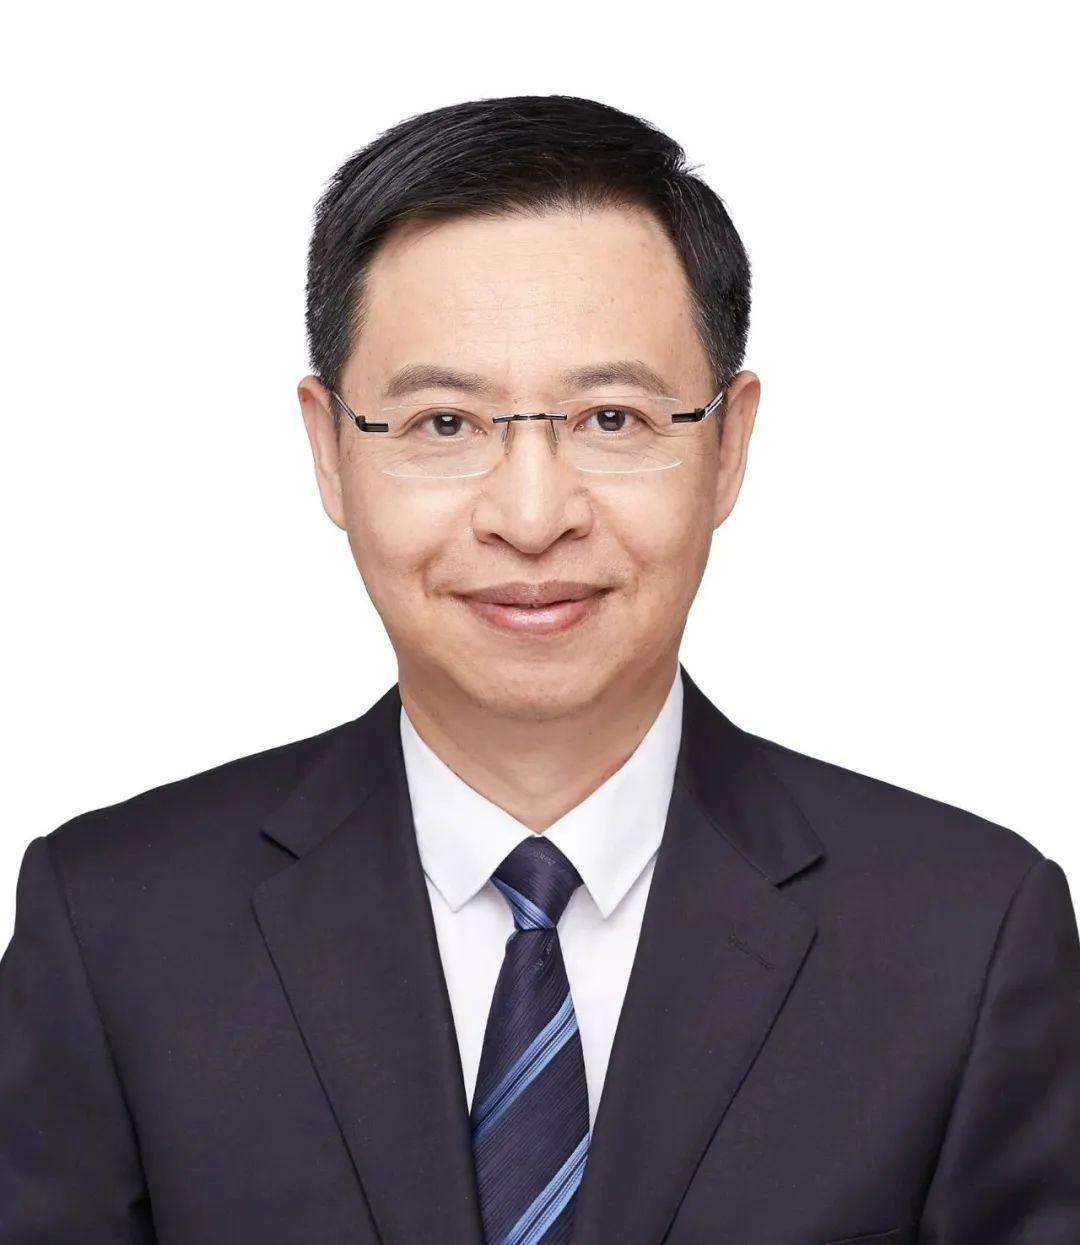 韩龙任矿冶科技集团党委书记、董事长